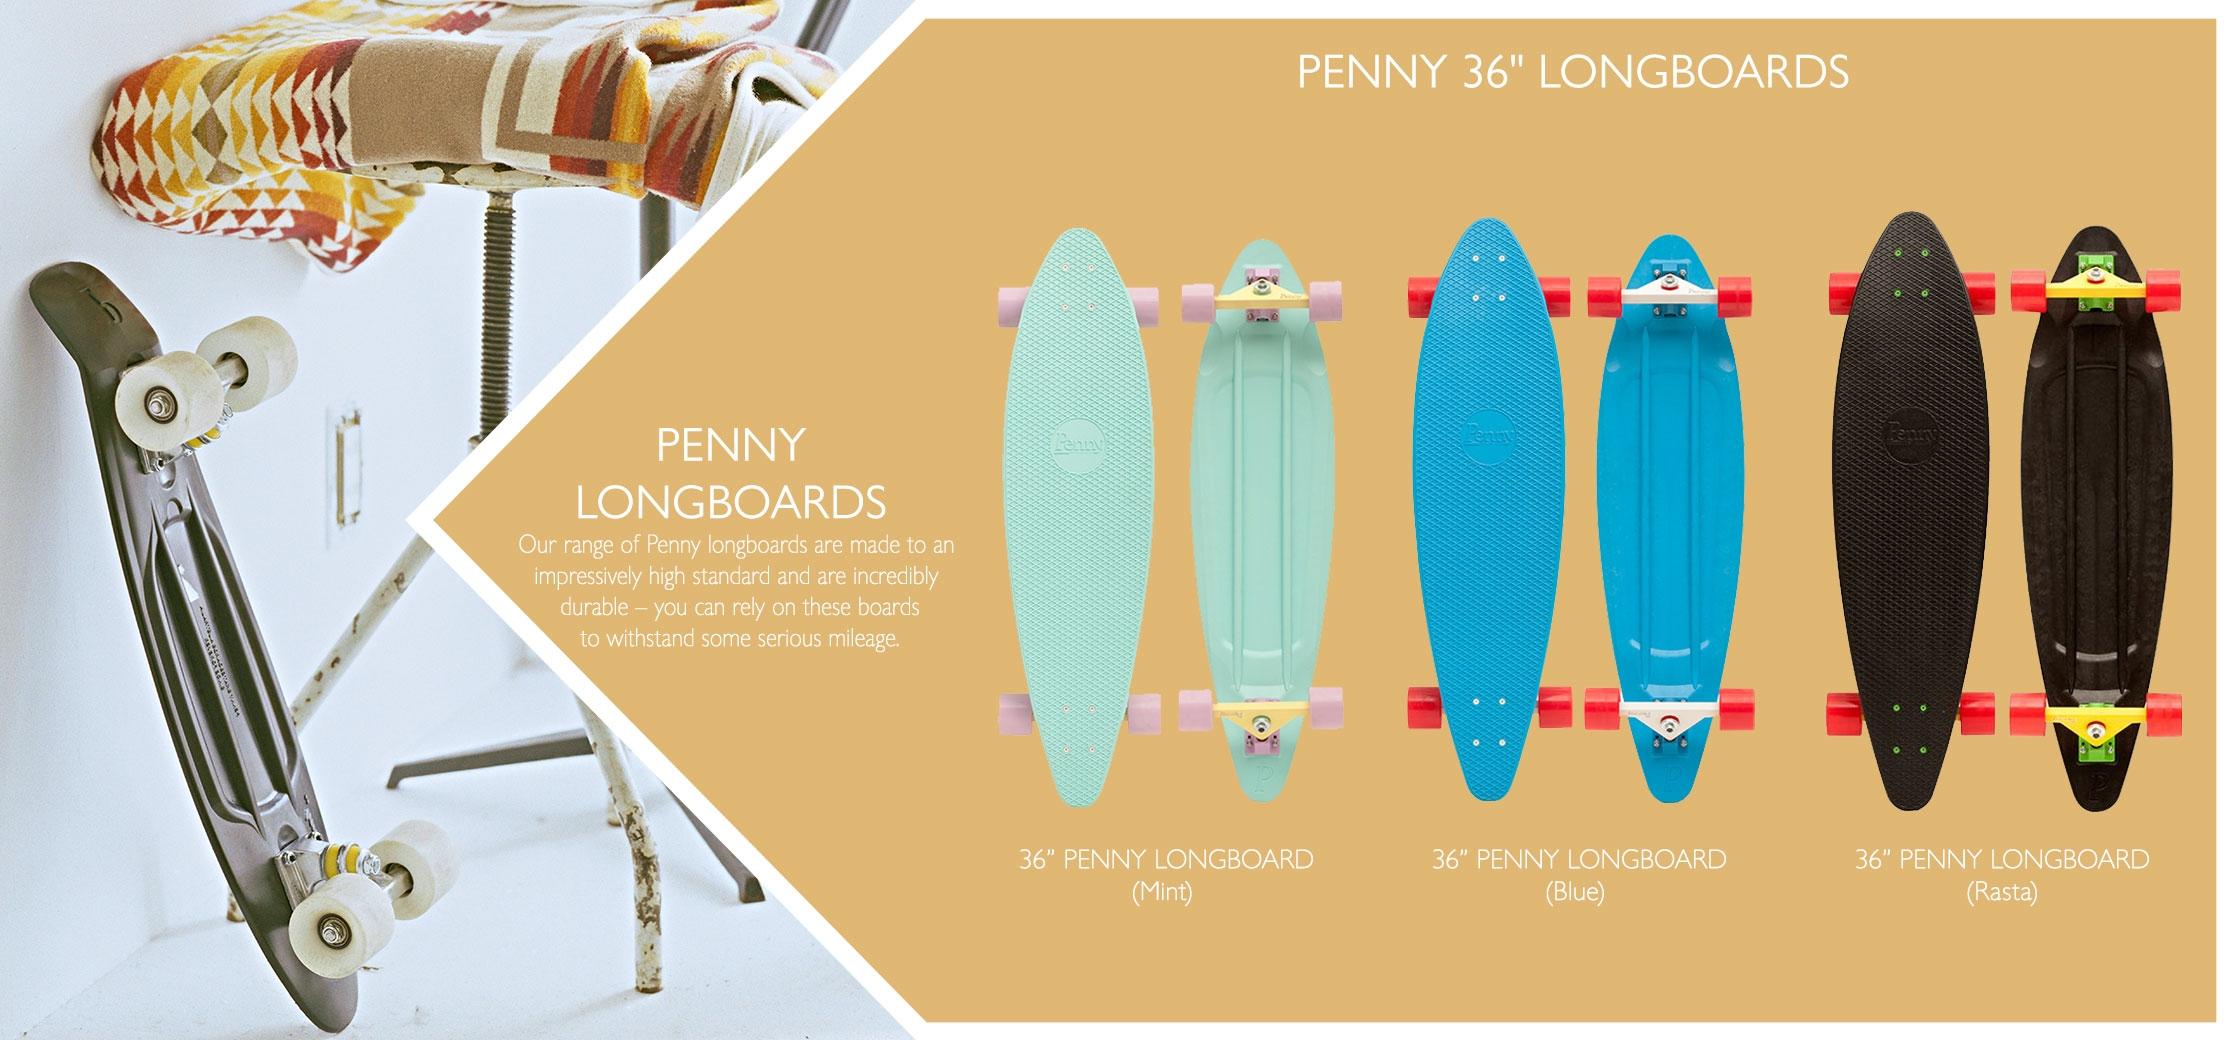 Penny longboard info